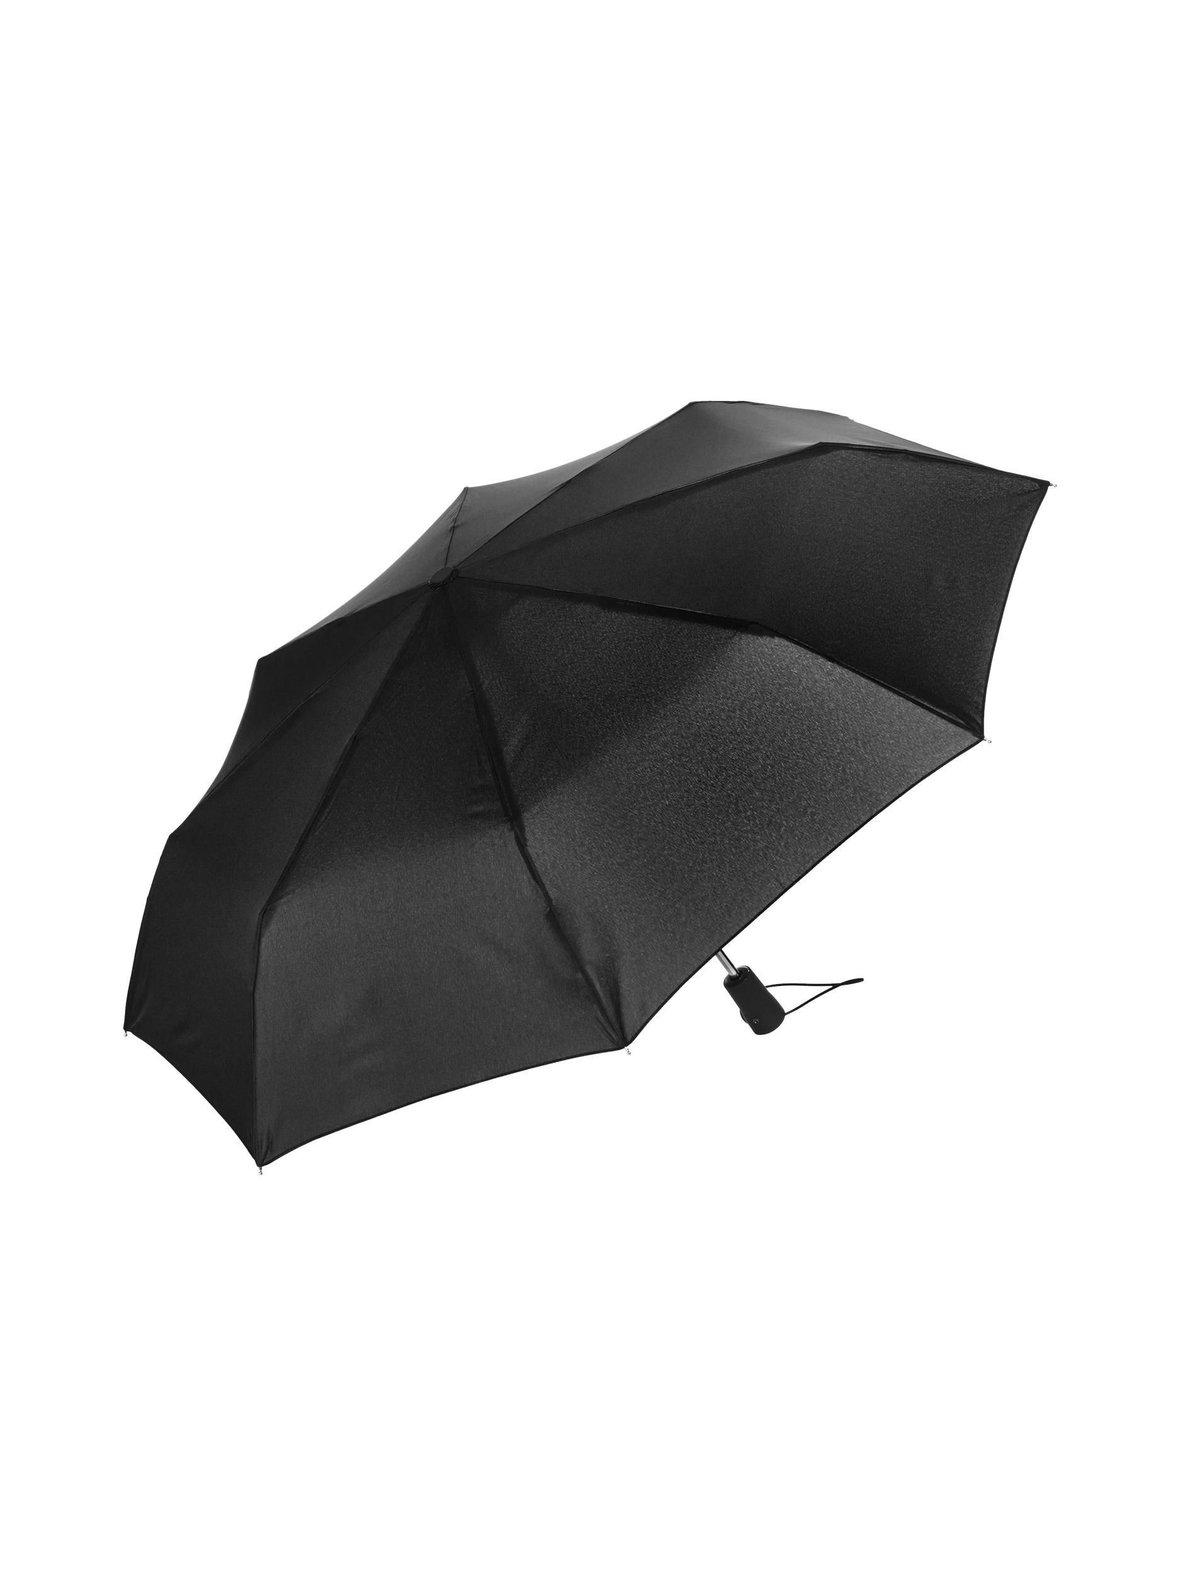 Taitettava sateenvarjo iX-brella kevyempi kiinteä, avoin-automaattinen - keskiluokka sininen